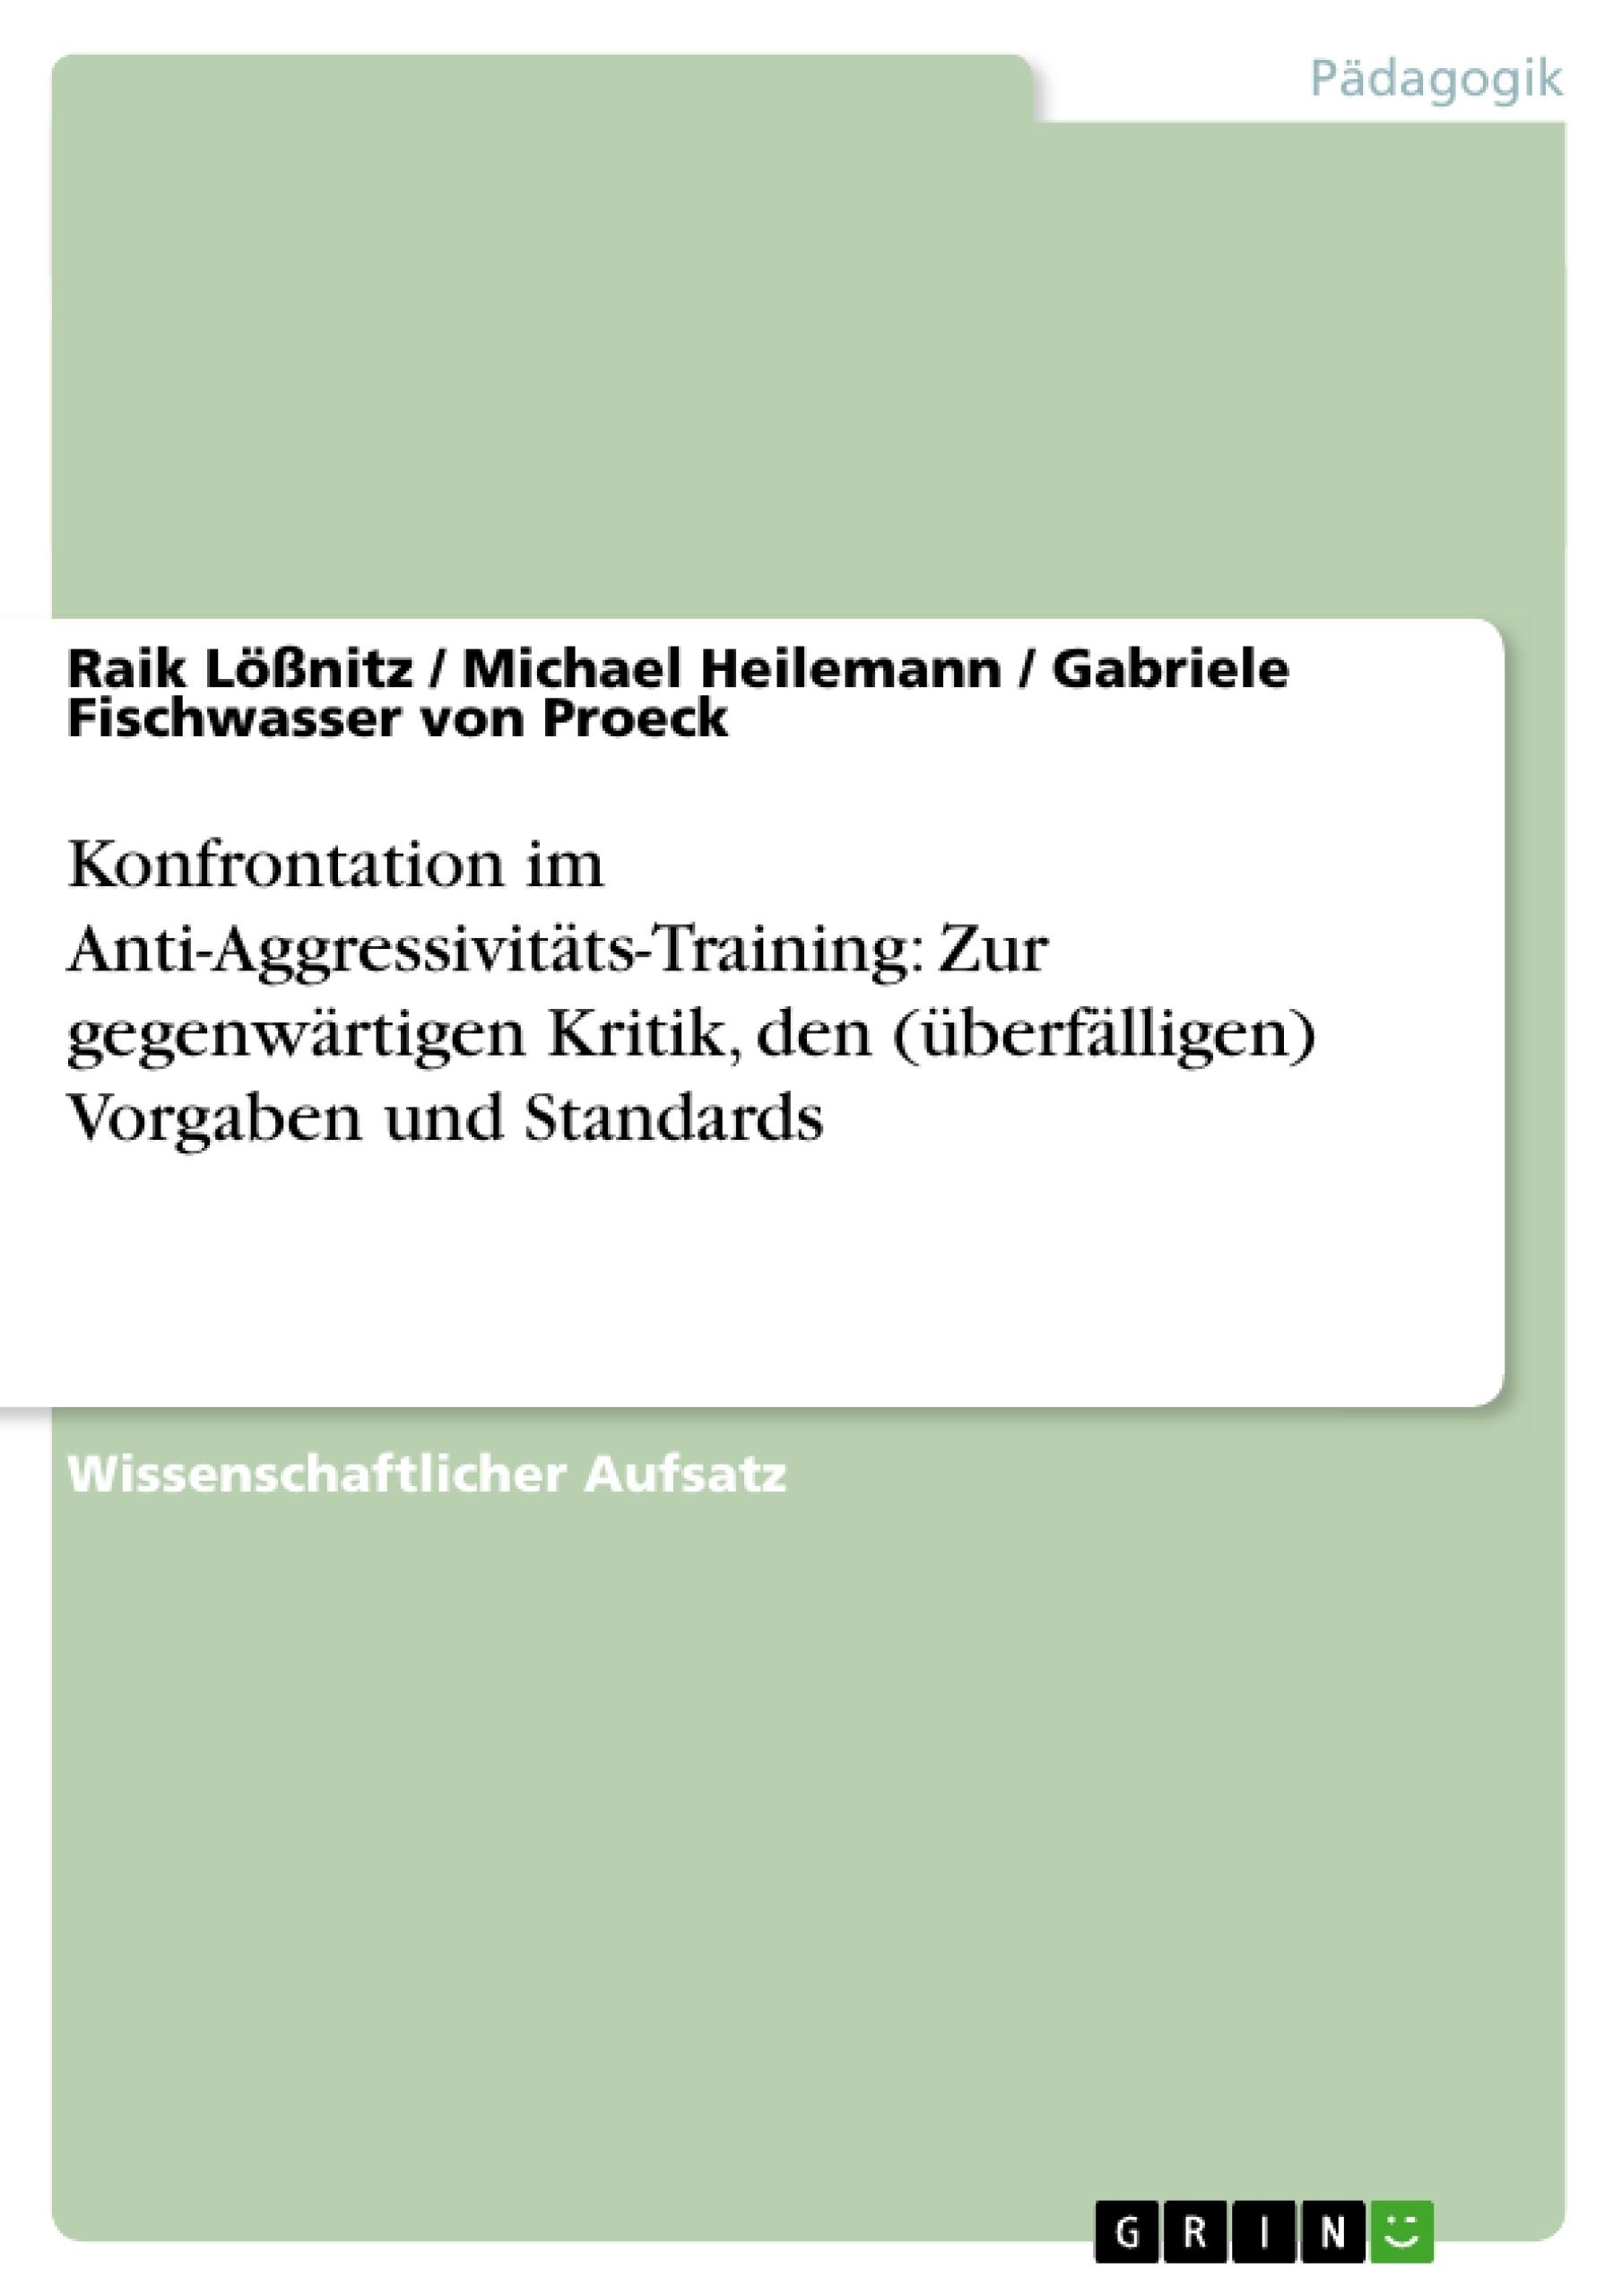 Titel: Konfrontation im Anti-Aggressivitäts-Training: Zur gegenwärtigen Kritik, den (überfälligen) Vorgaben und Standards